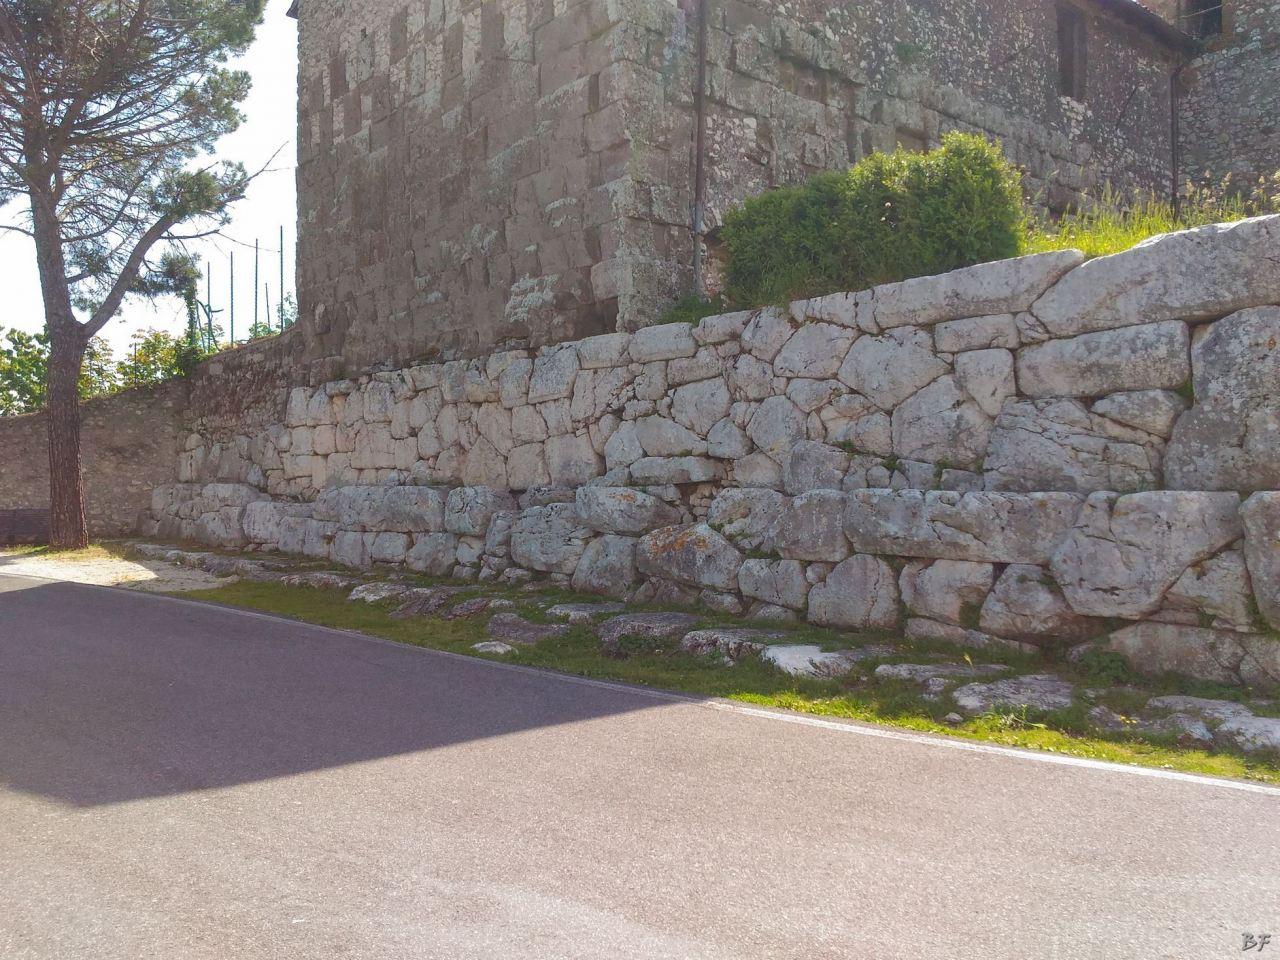 Signia-Mura-Poligonali-Megalitiche-Segni-Roma-Lazio-Italia-27